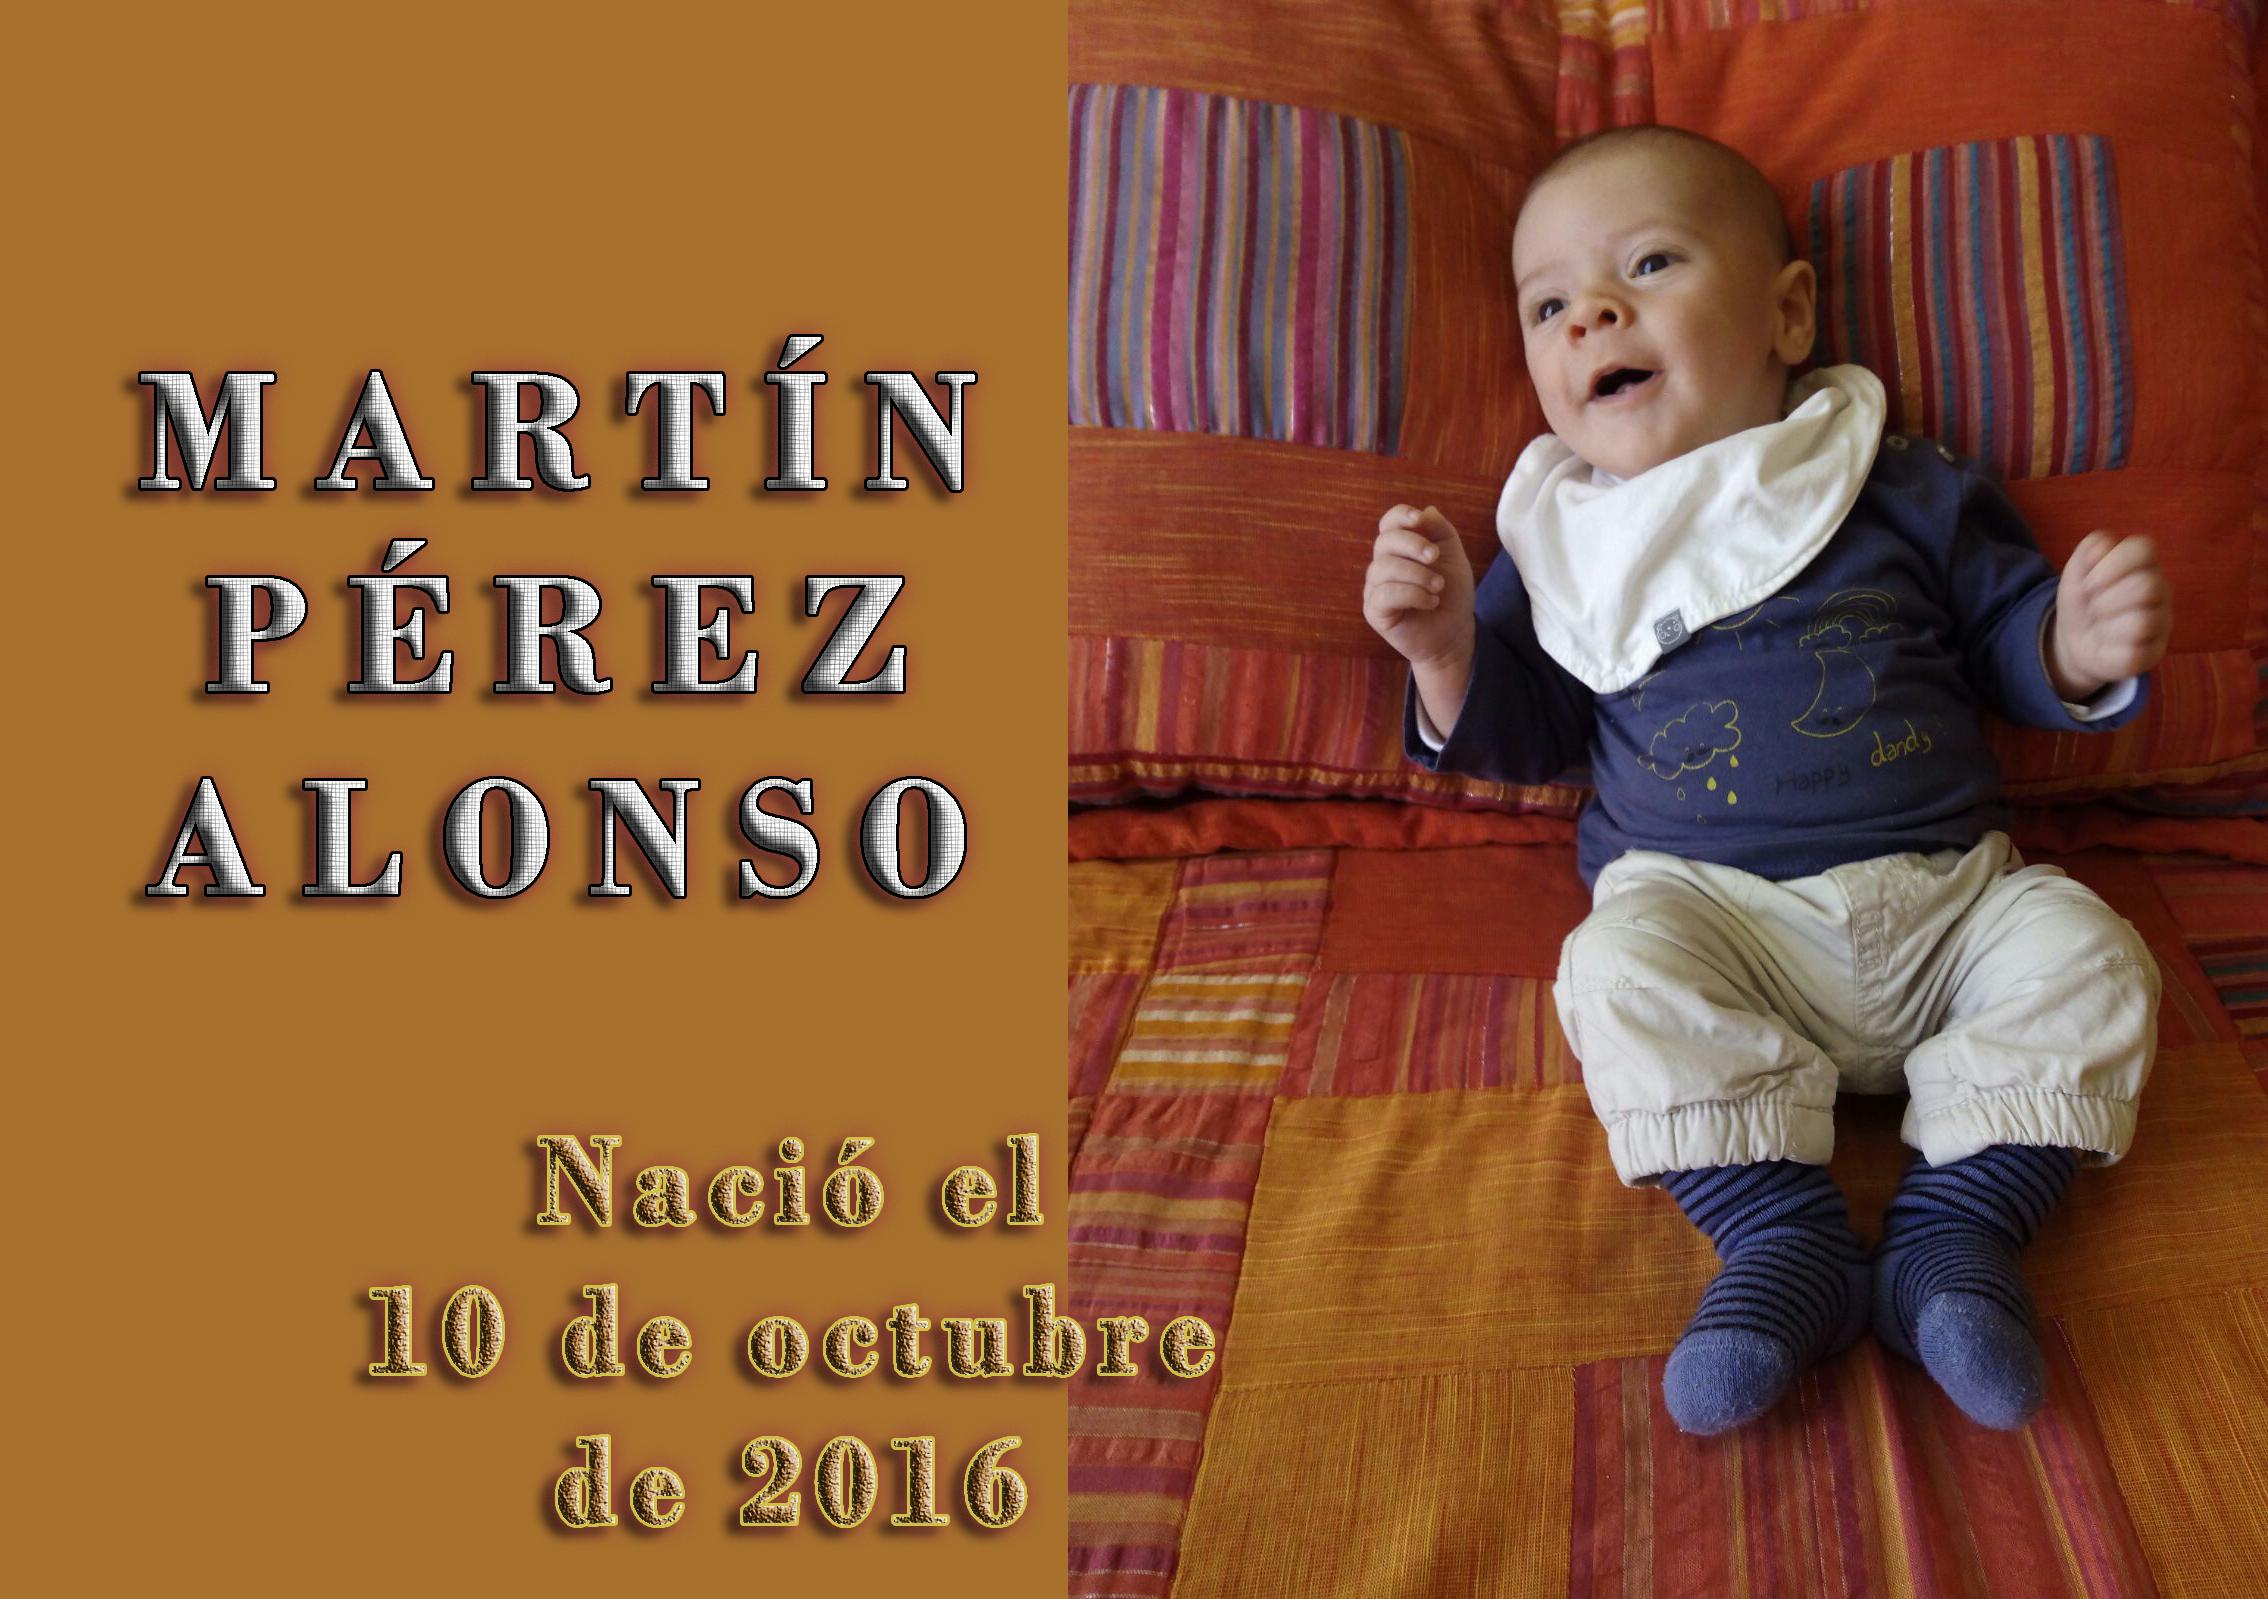 Nacimiento de Martín Pérez Alonso, el 15-10-2016